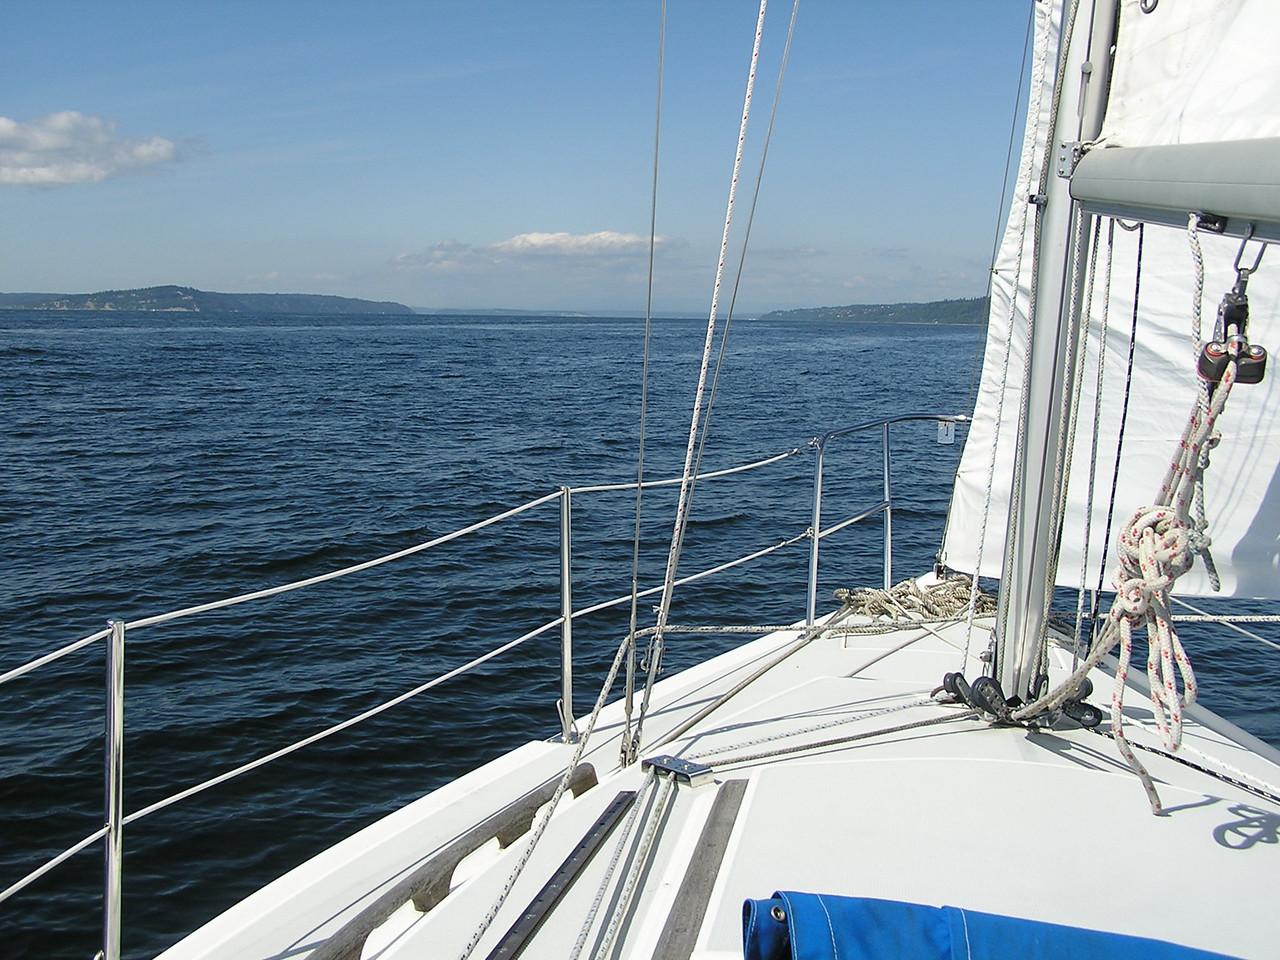 07 05 28 sail 001